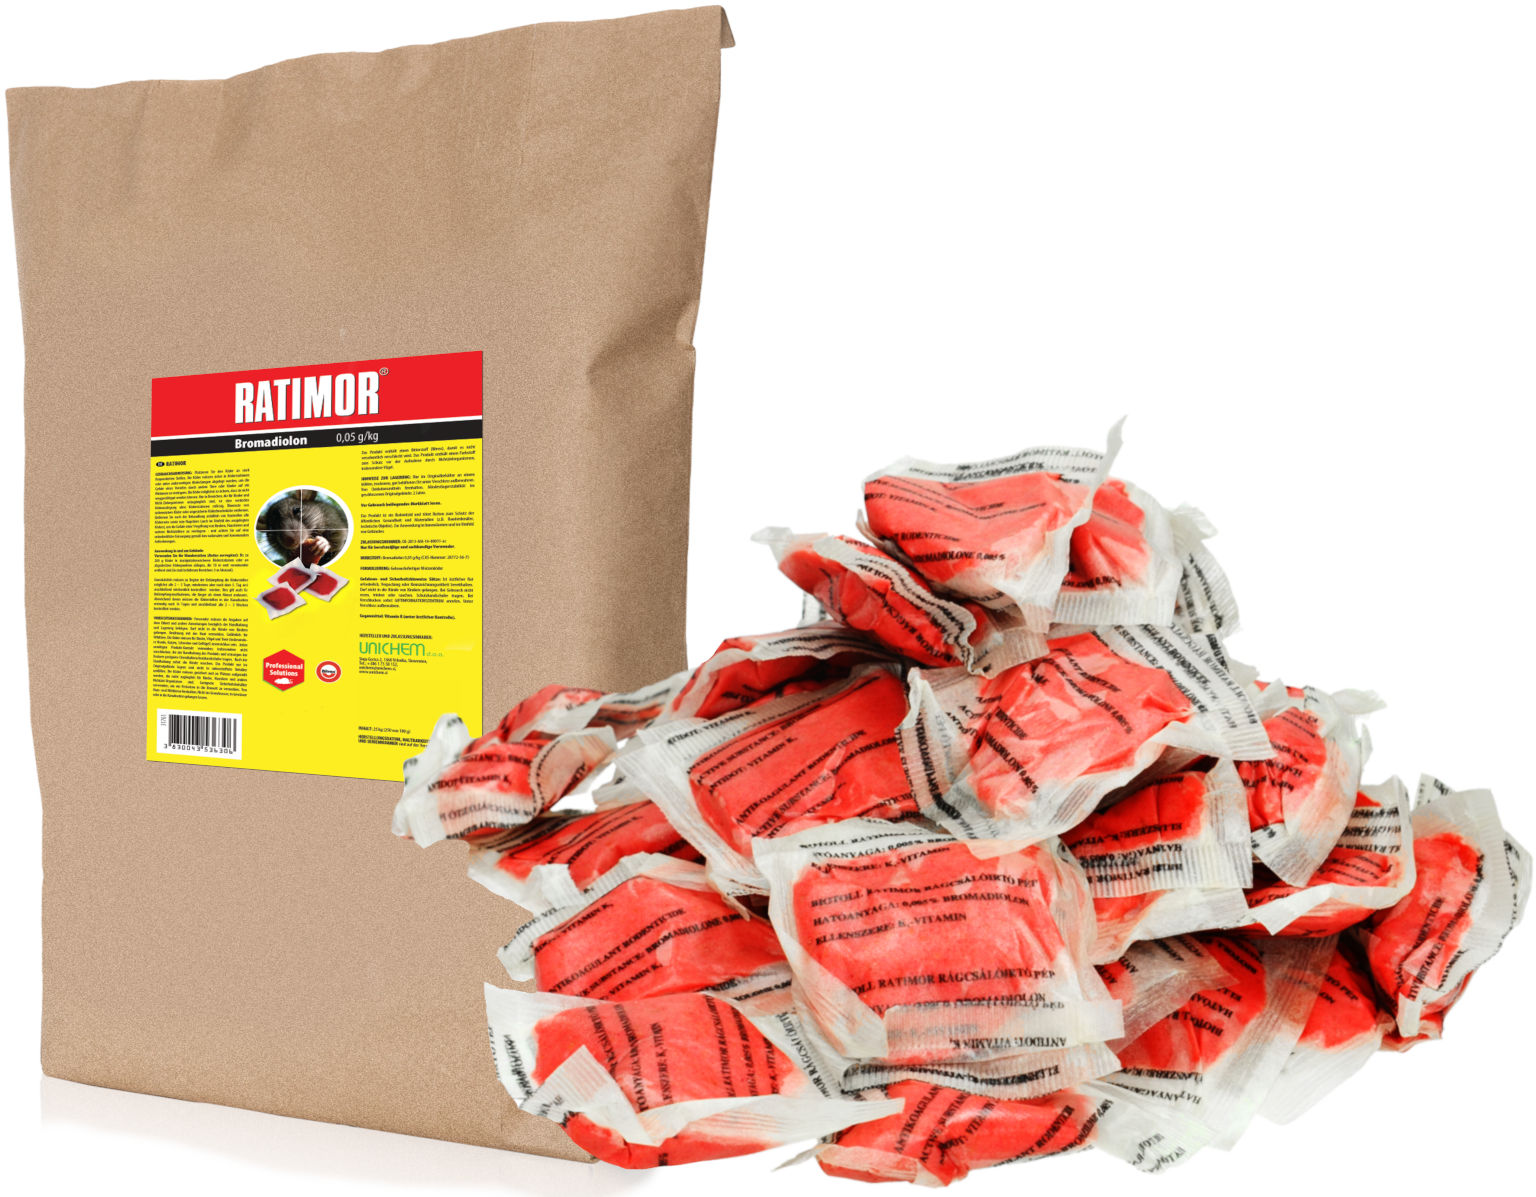 Ratimor 25kg bromadiolone pasta. Trutka na szczury, gryzonie.